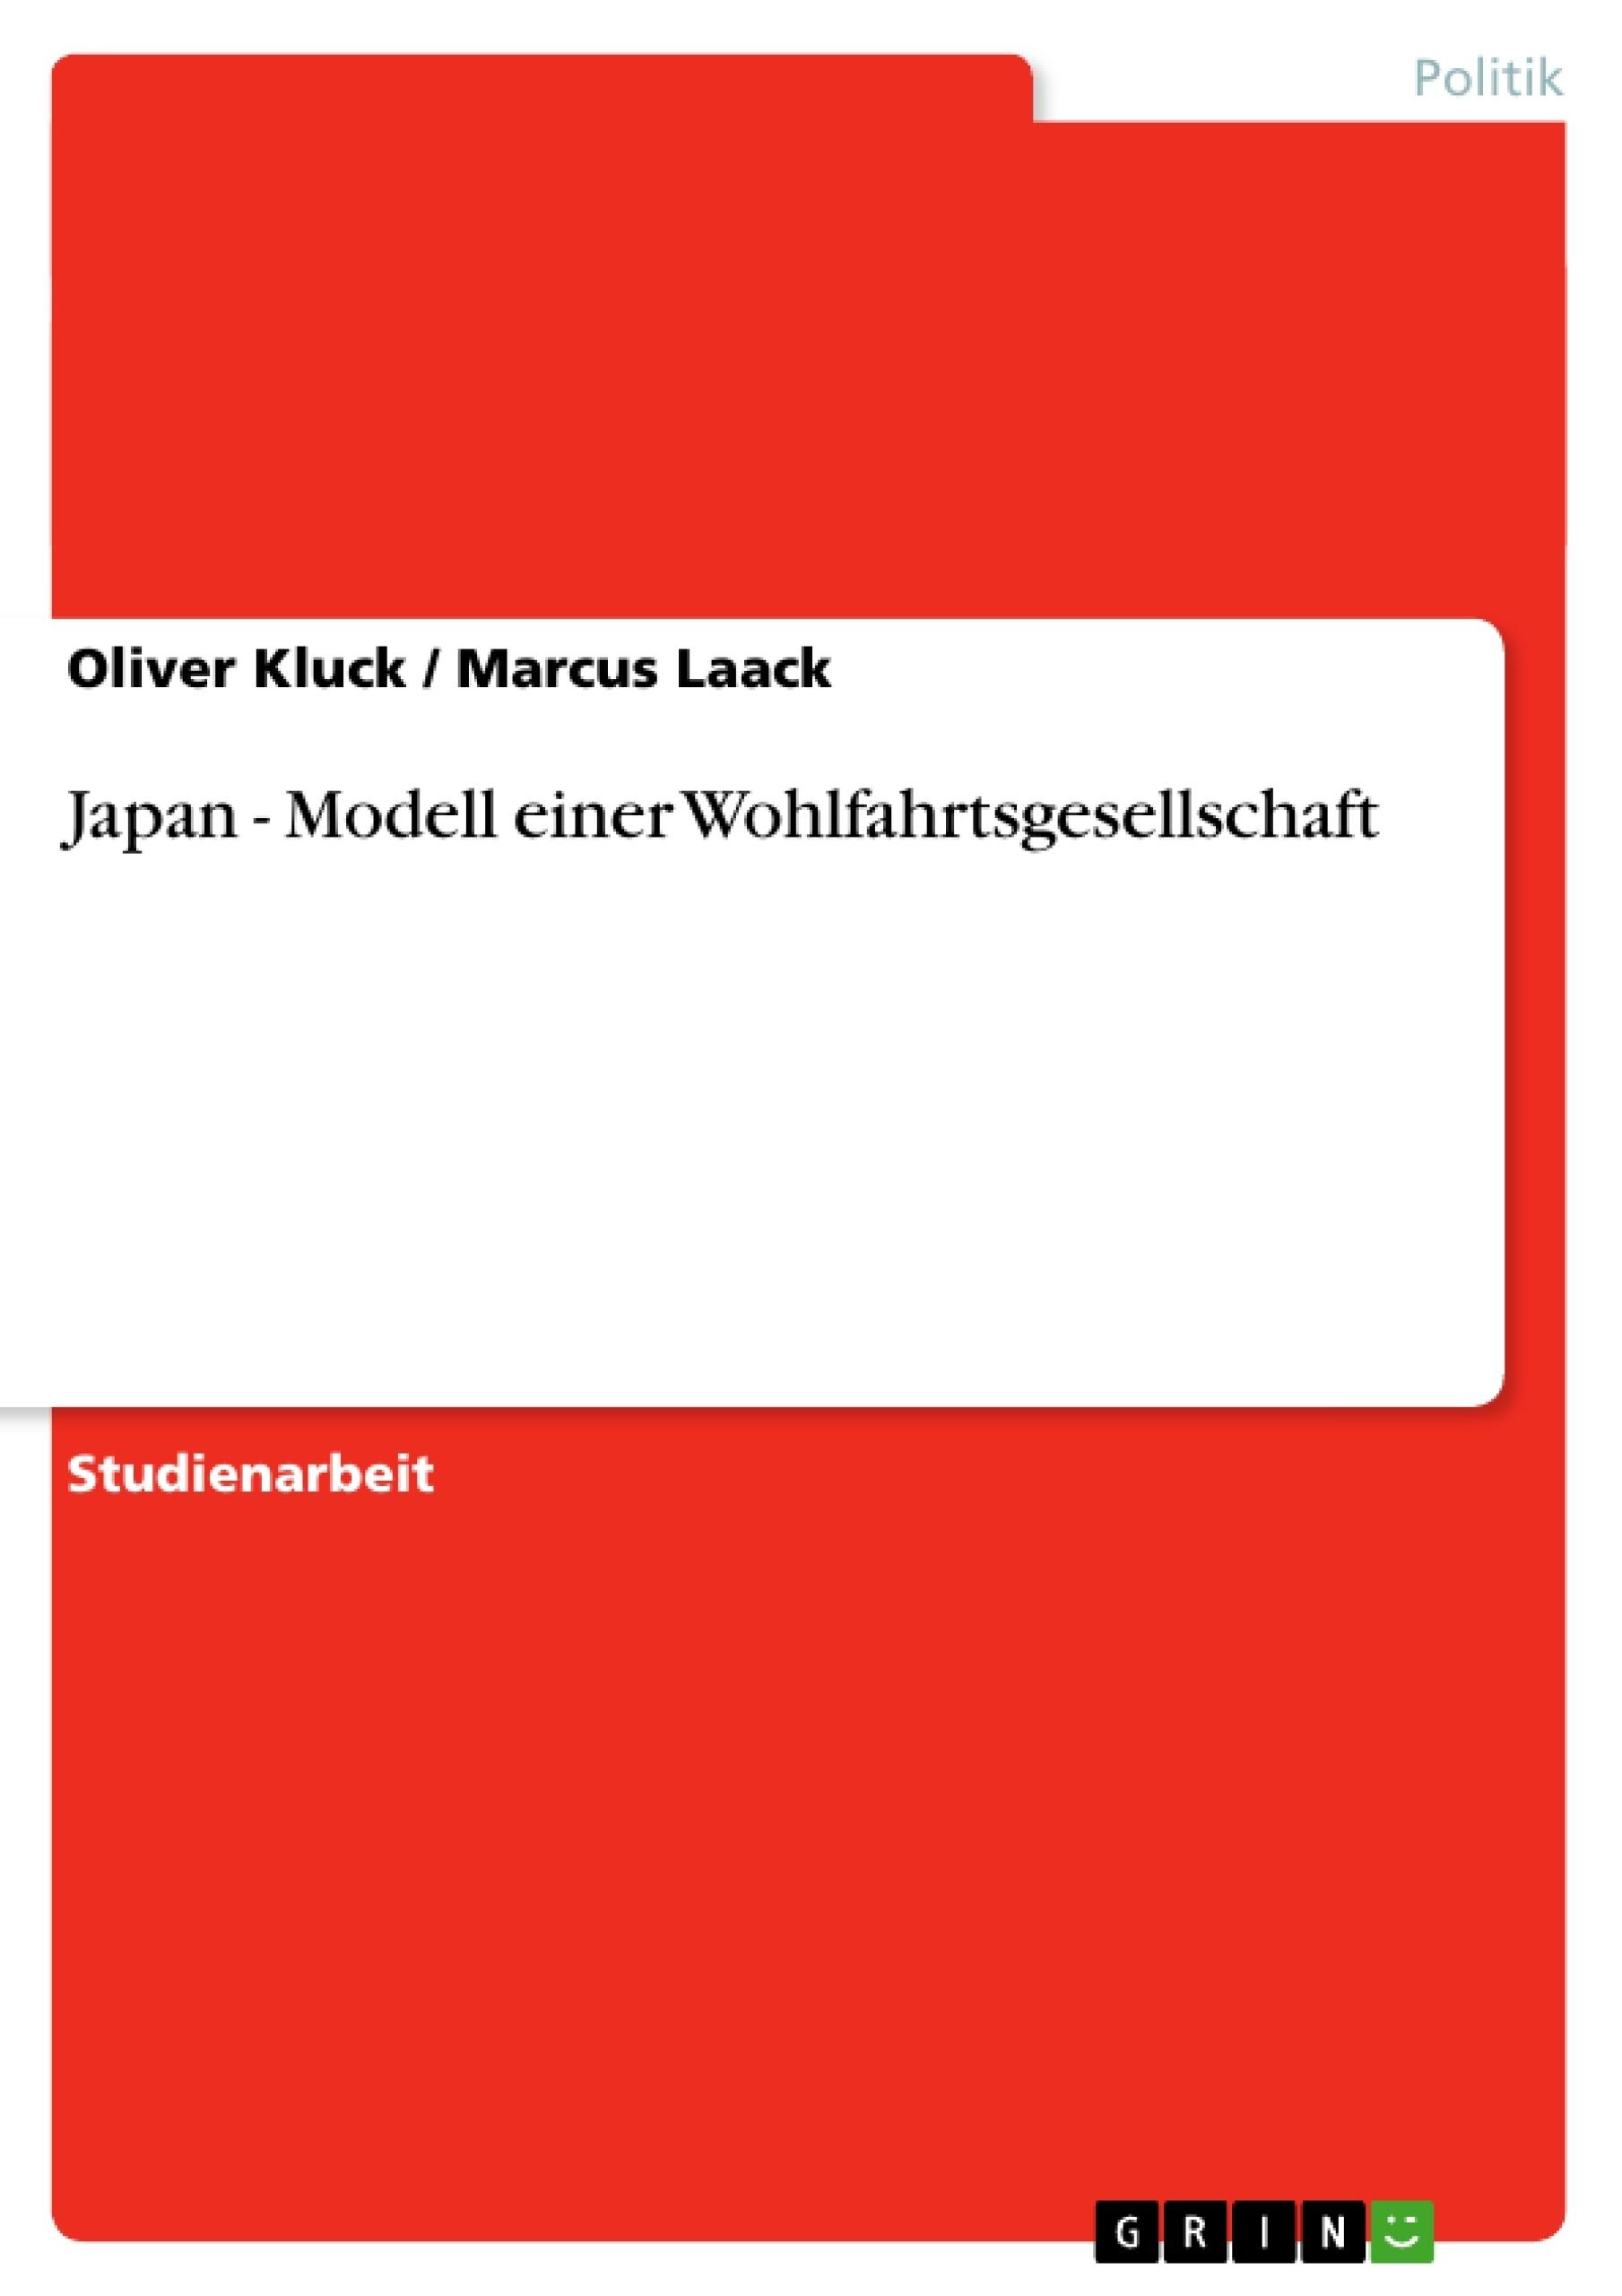 Titel: Japan - Modell einer Wohlfahrtsgesellschaft